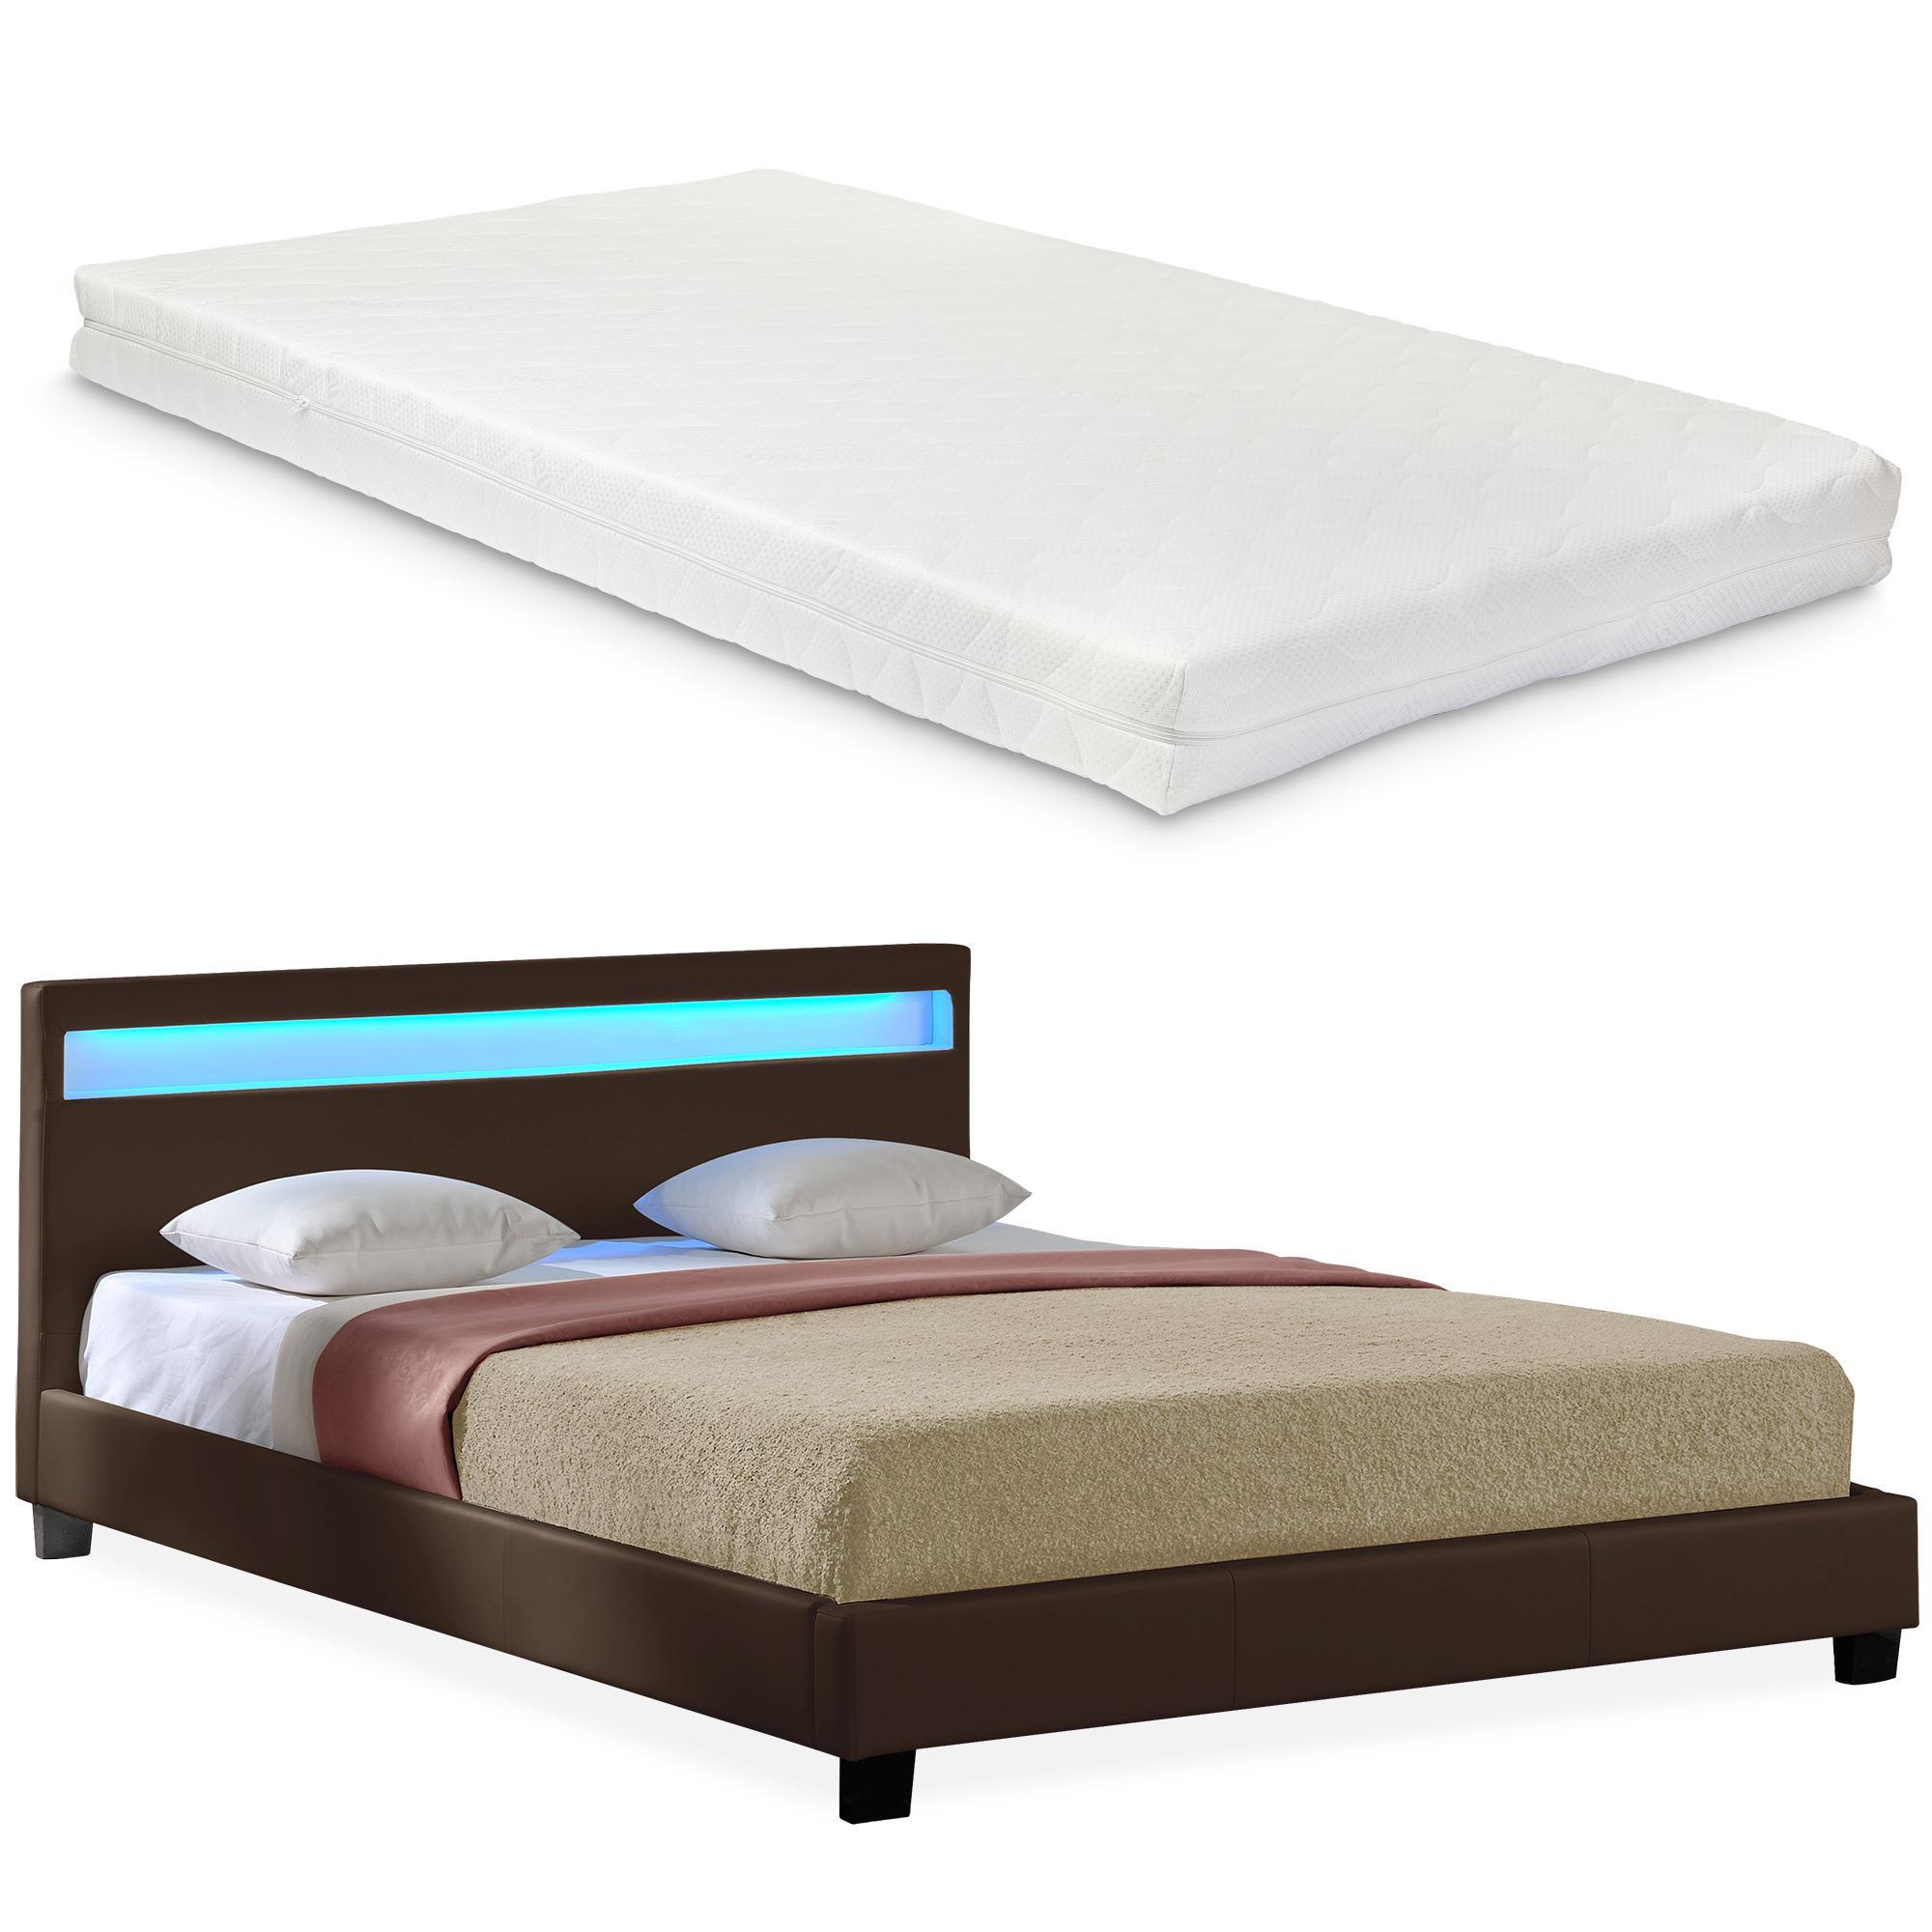 Corium® Moderná manželská posteľ s matracom 'Paris' - tmavo hnedá - 140 x 200 cm